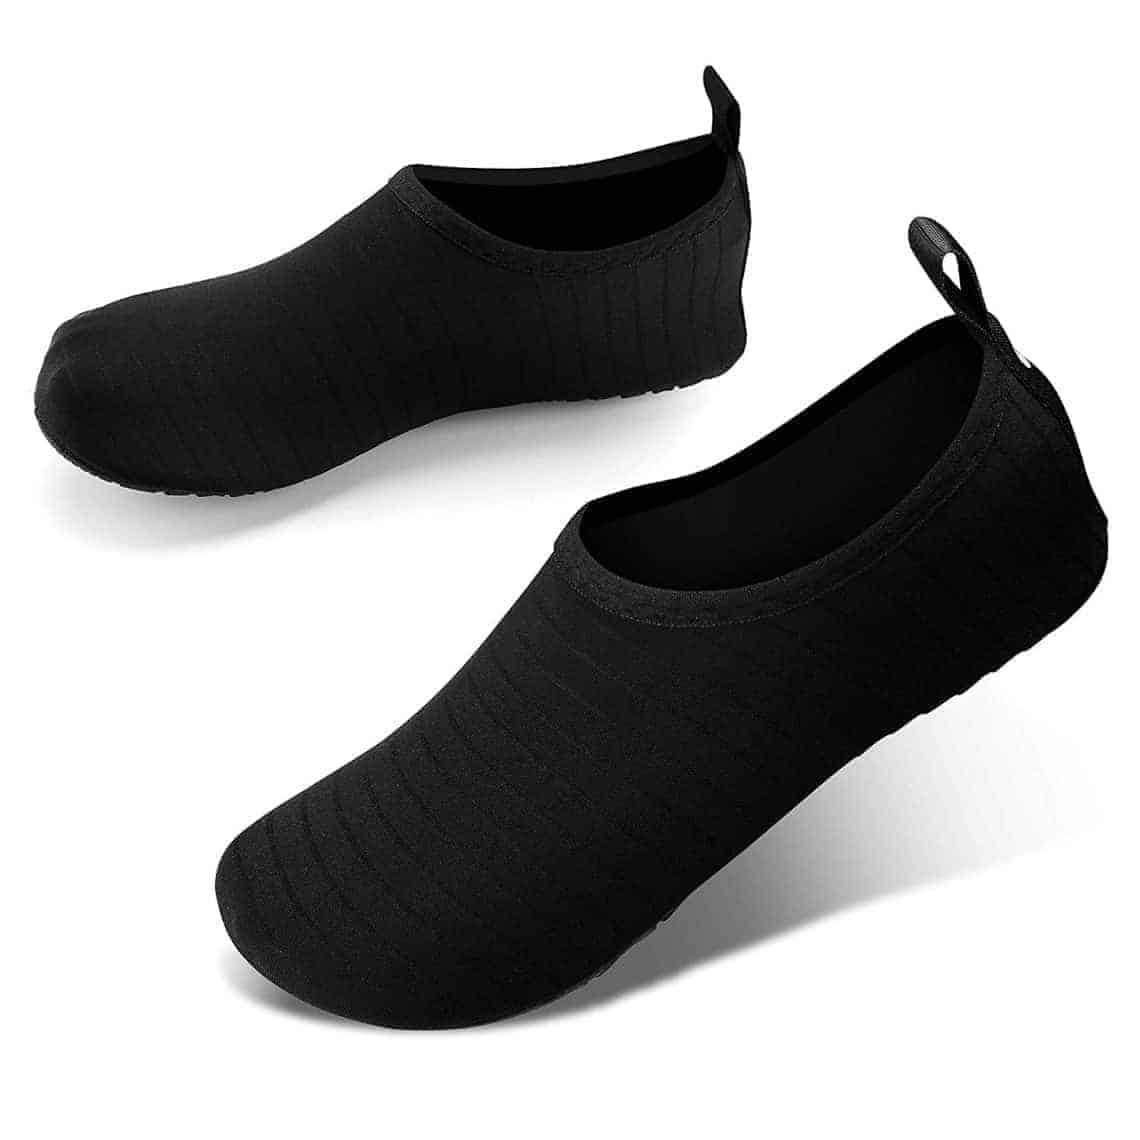 Chaussures aquatiques antidérapantes